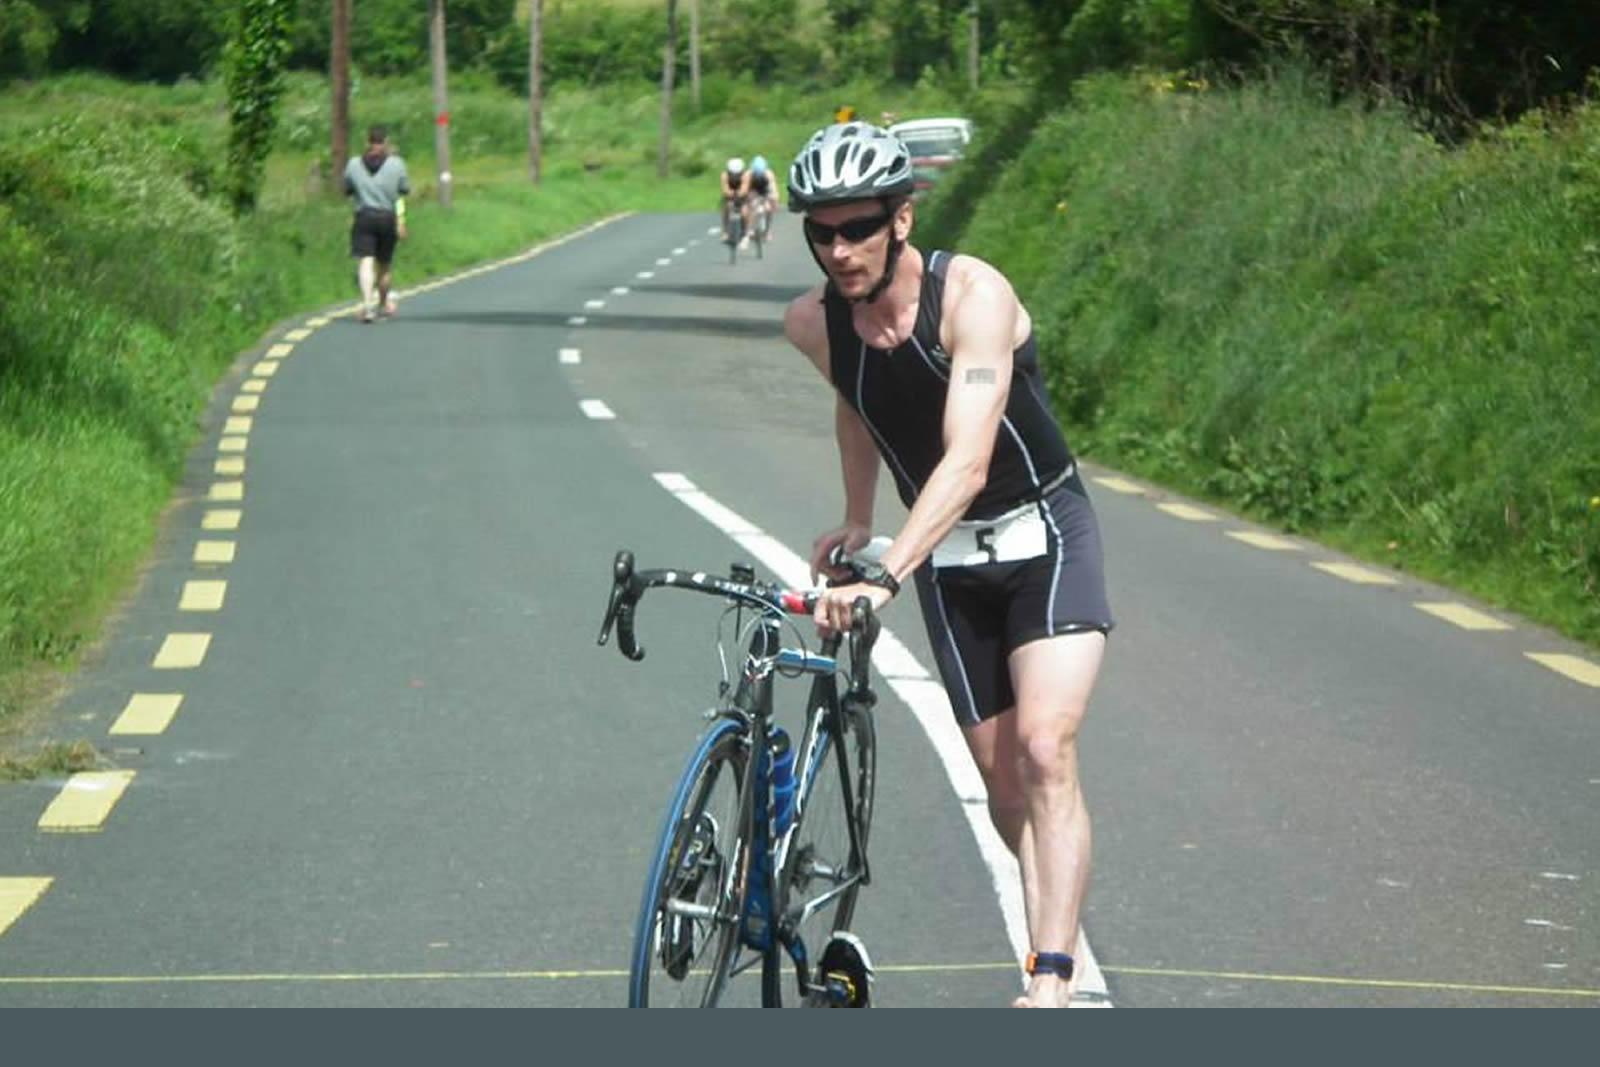 Cuilcagh Triathlon Club